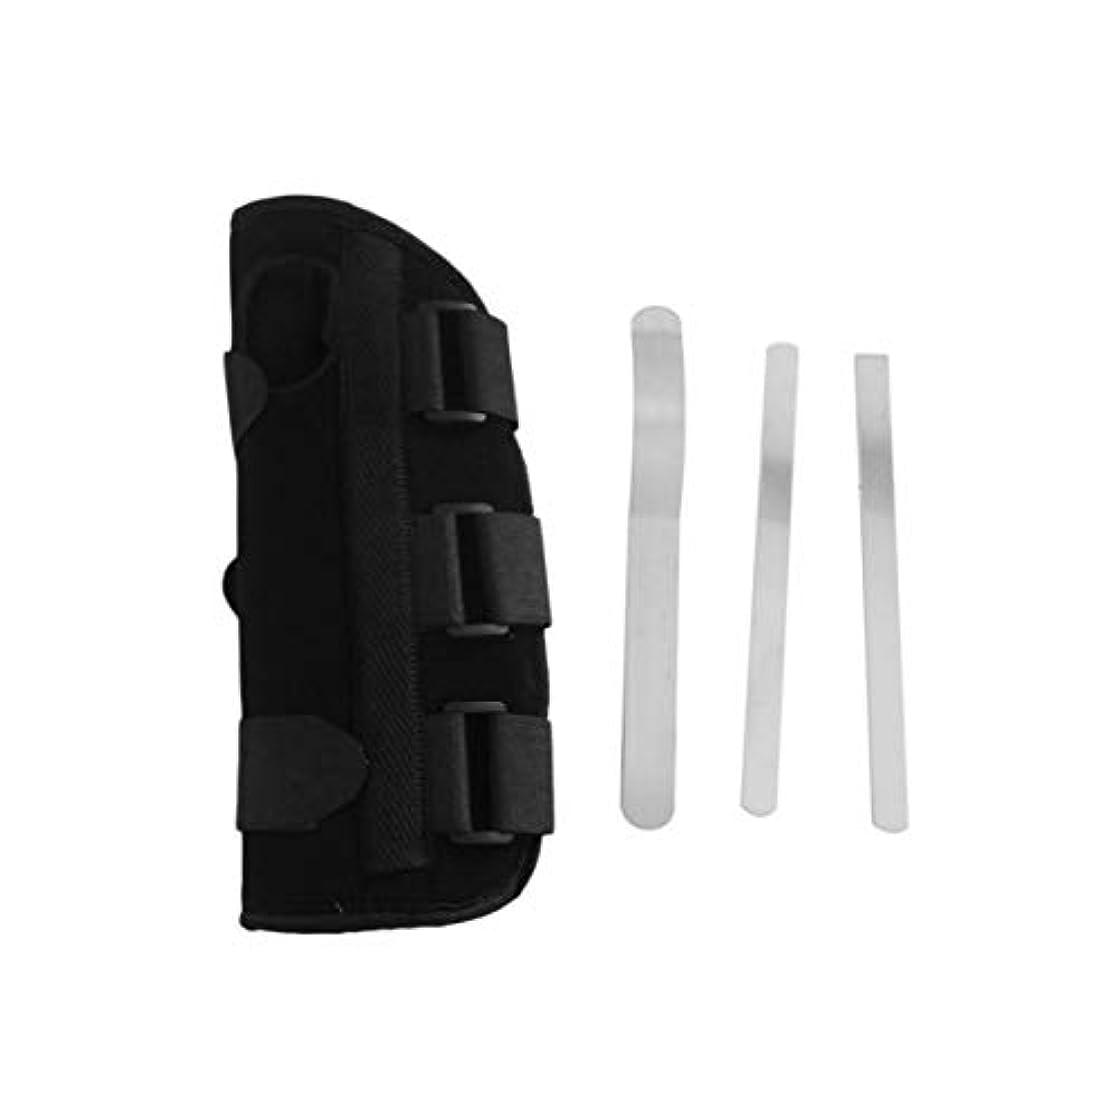 おもてなしすなわち年齢手首副木ブレース保護サポートストラップカルペルトンネルCTS RSI痛み軽減取り外し可能な副木快適な軽量ストラップ - ブラックS